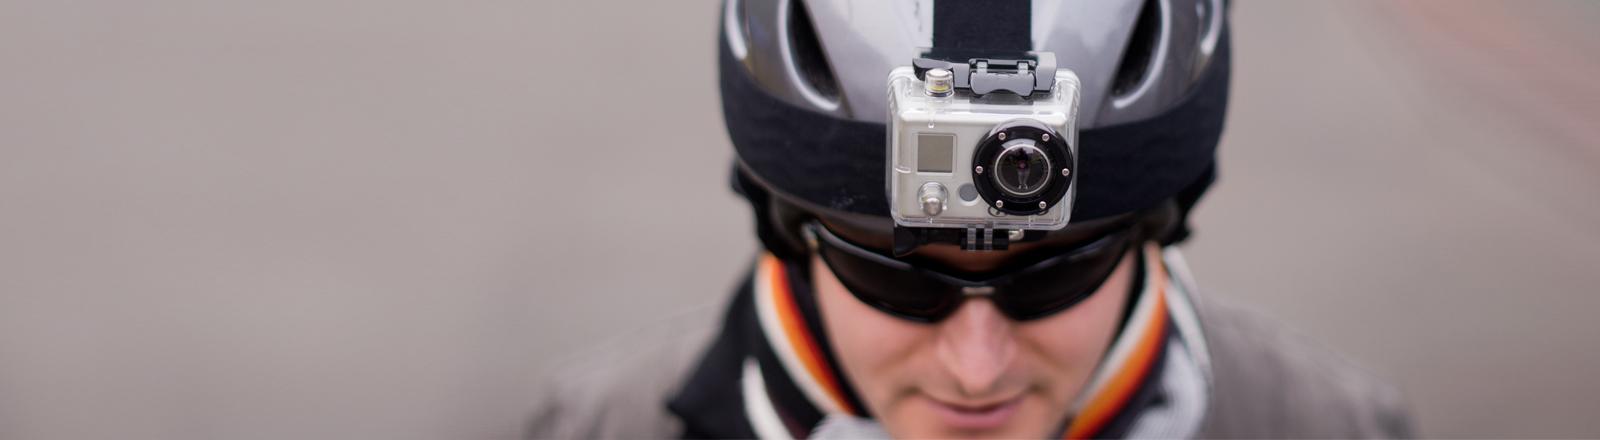 Eine Kamera auf einem Fahrradhelm.